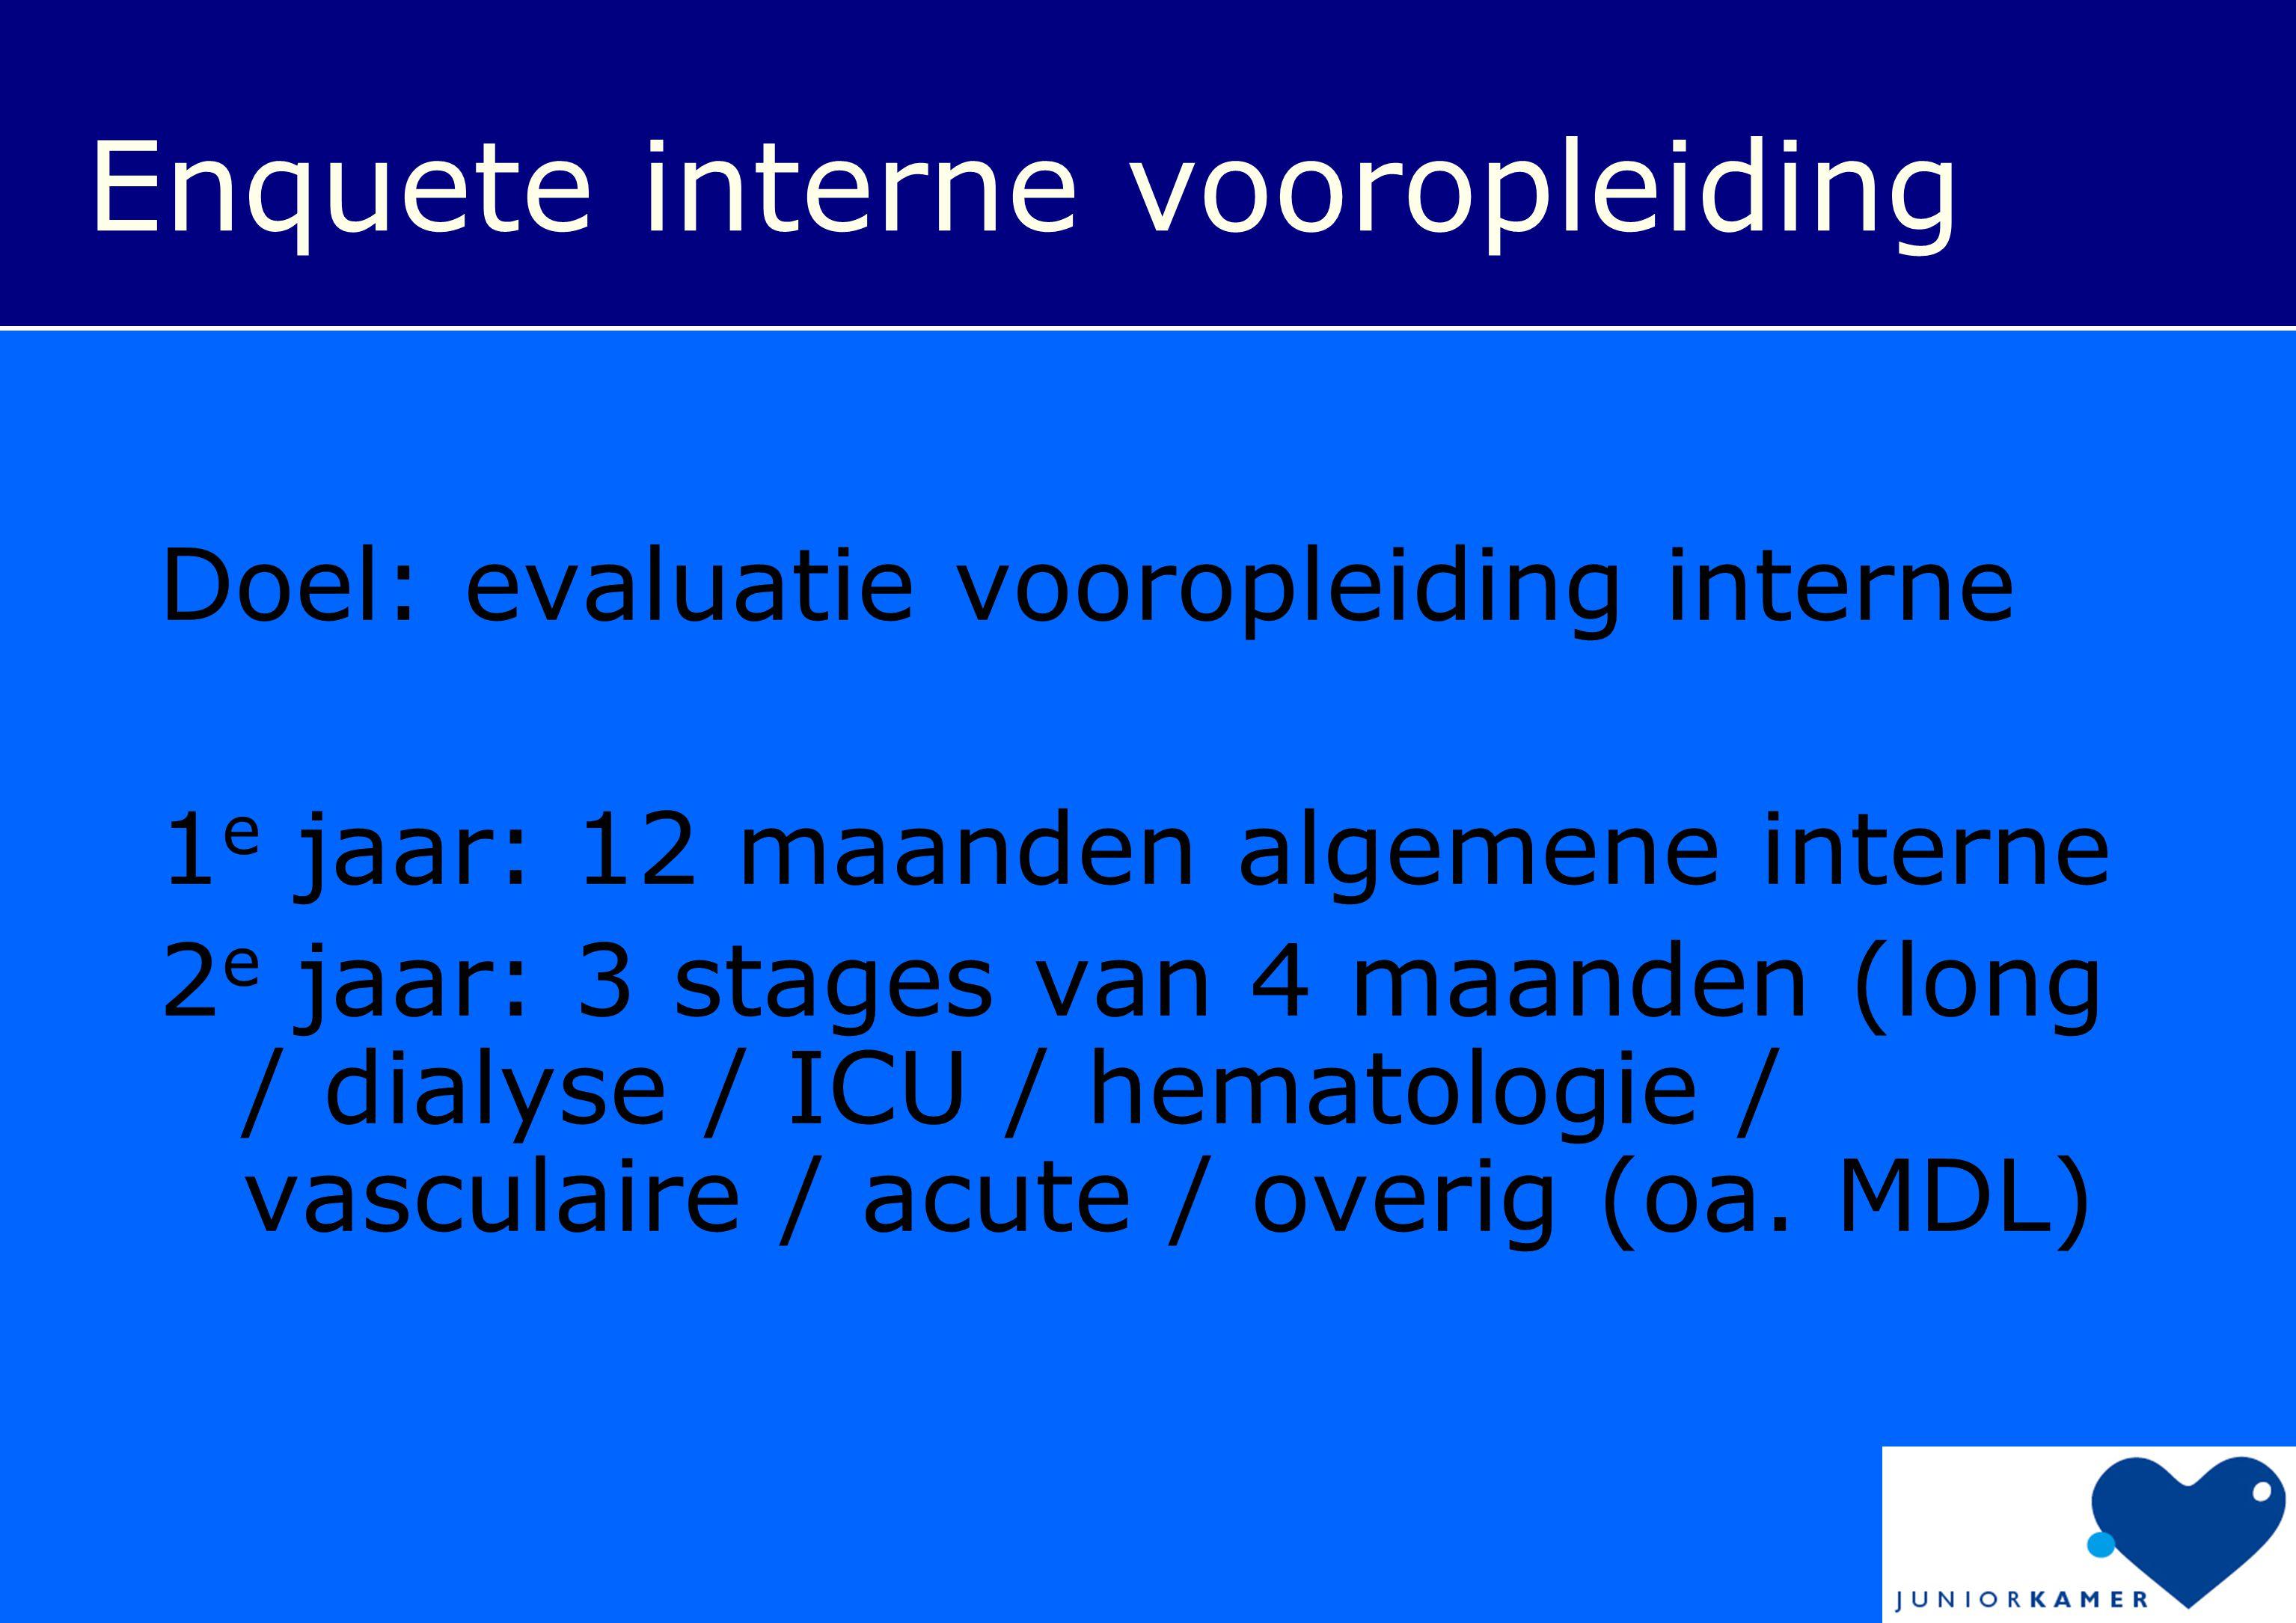 Doel: evaluatie vooropleiding interne 1 e jaar: 12 maanden algemene interne 2 e jaar: 3 stages van 4 maanden (long / dialyse / ICU / hematologie / vas